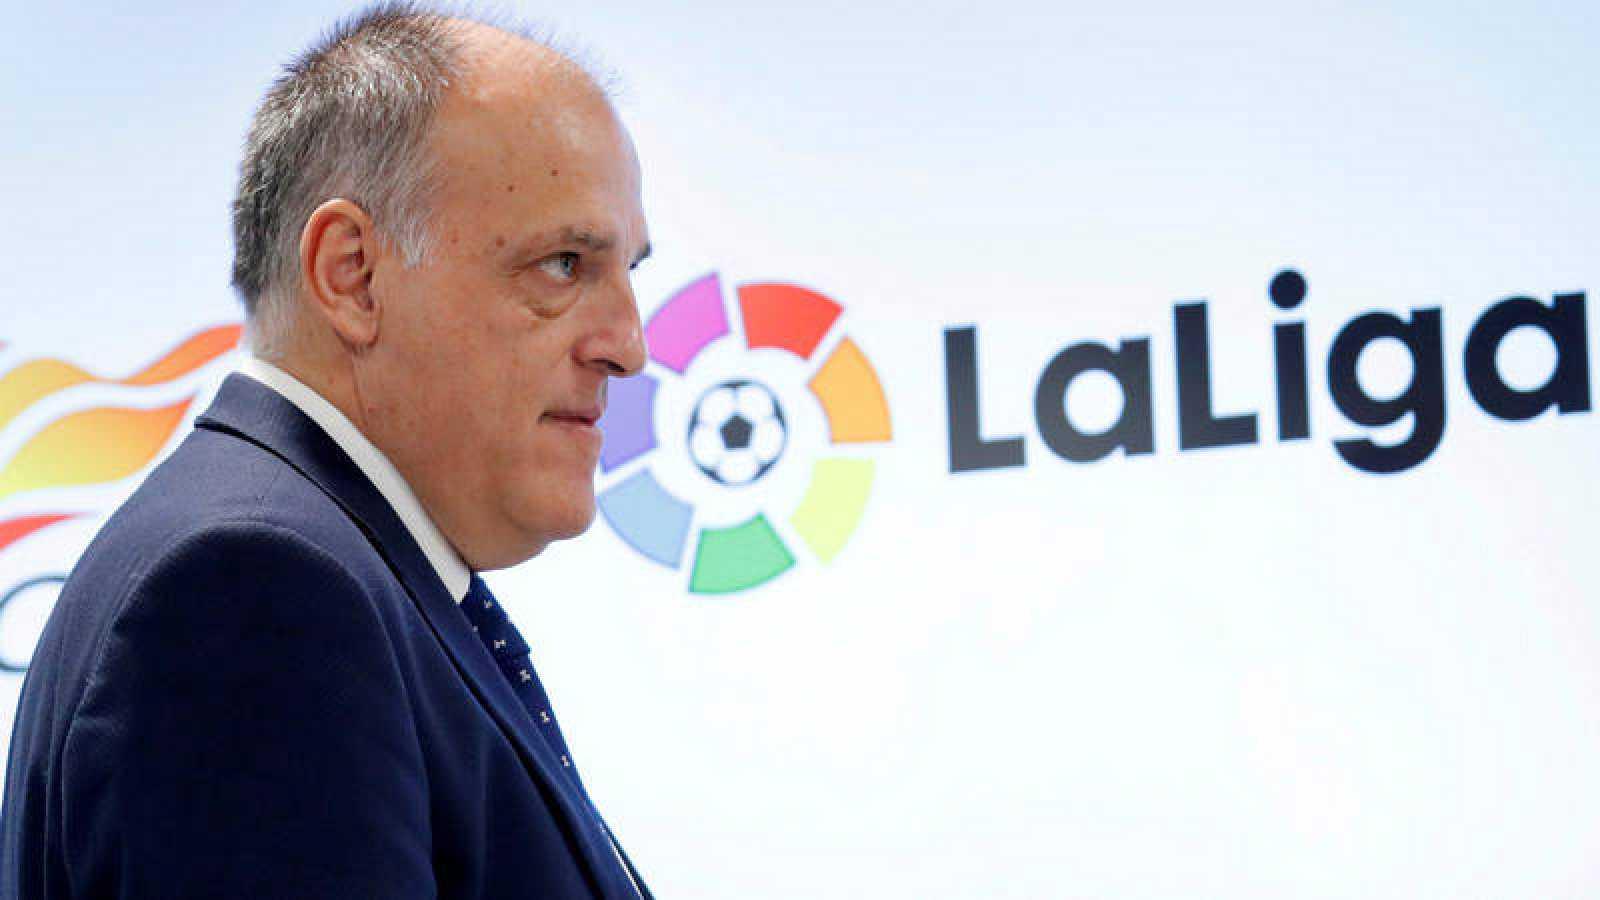 La Liga potrebbe finire a luglio, ma il 30 giugno scadrà il contratto di tantissimi giocatori - Bóng Đá